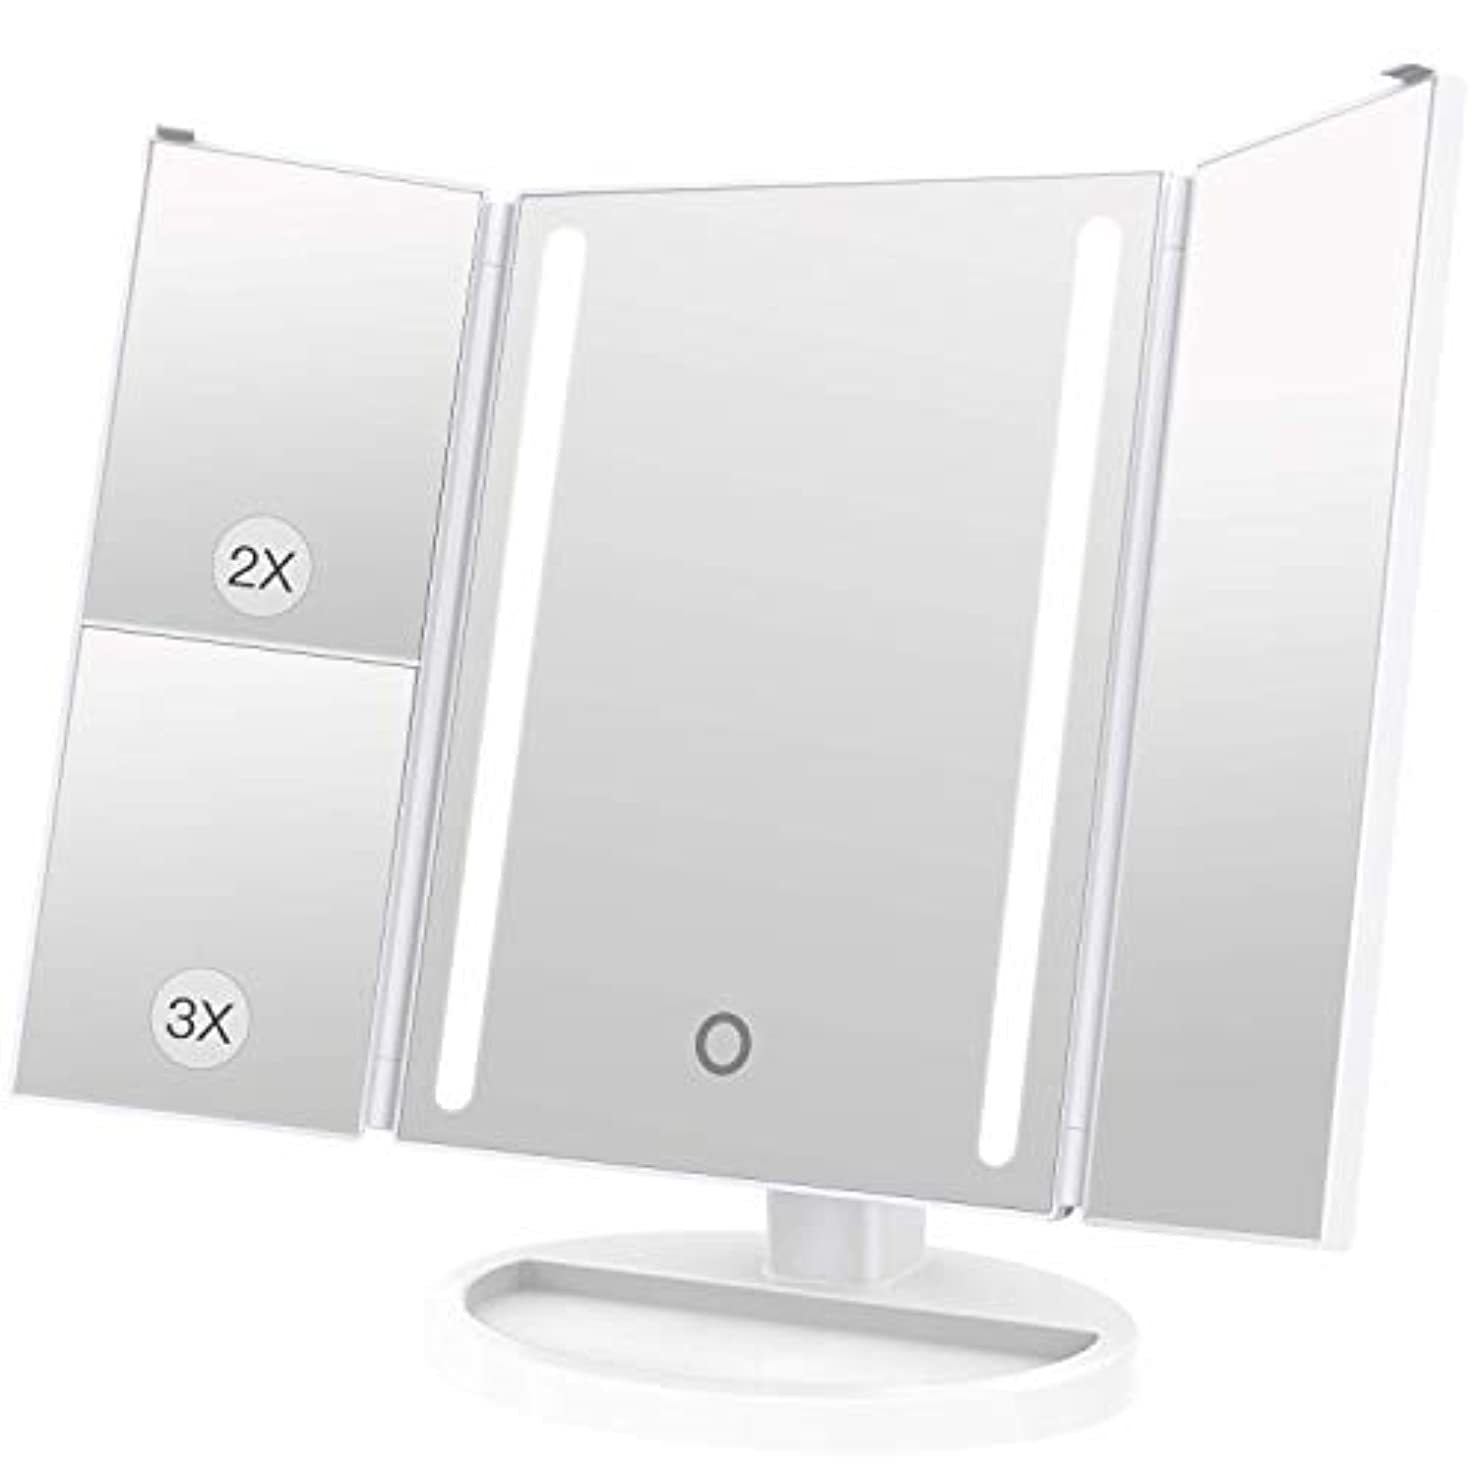 ピッチメドレー銅LEEPWEI 化粧鏡 LED 三面鏡 2&3倍拡大鏡付き 明るさ調節可能 180度回転 USB/単三電池給電 (ホワイト)